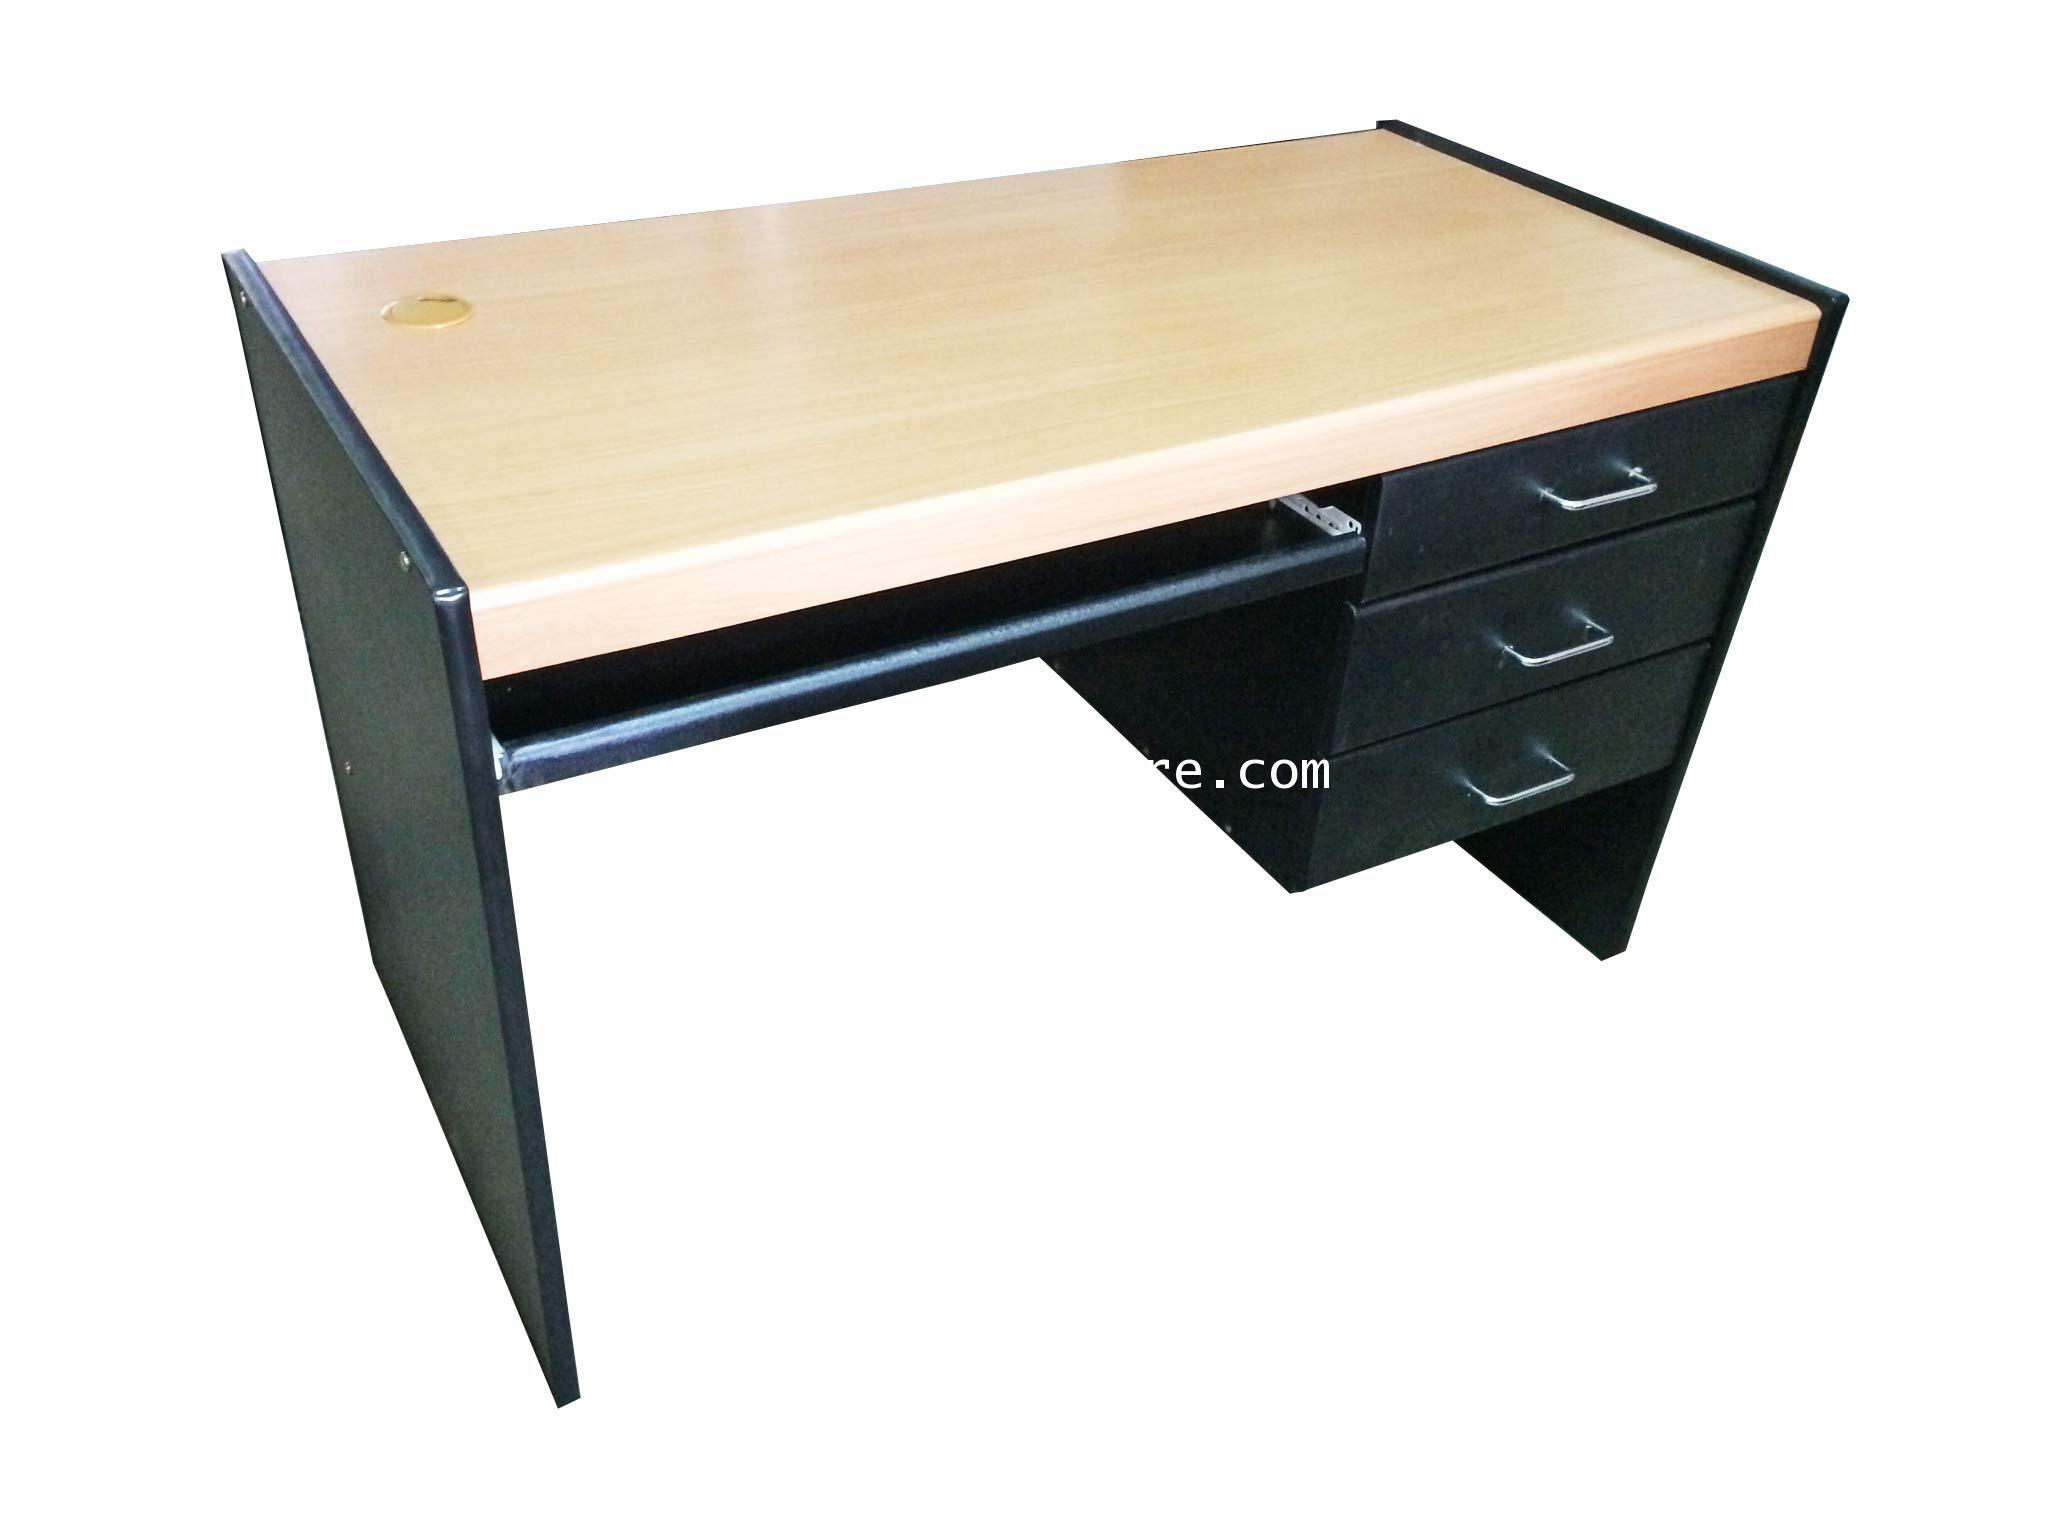 โต๊ะคอมพิวเตอร์ 3 ลิ้นชักขวา สีบีช 120*60*75 ซม.